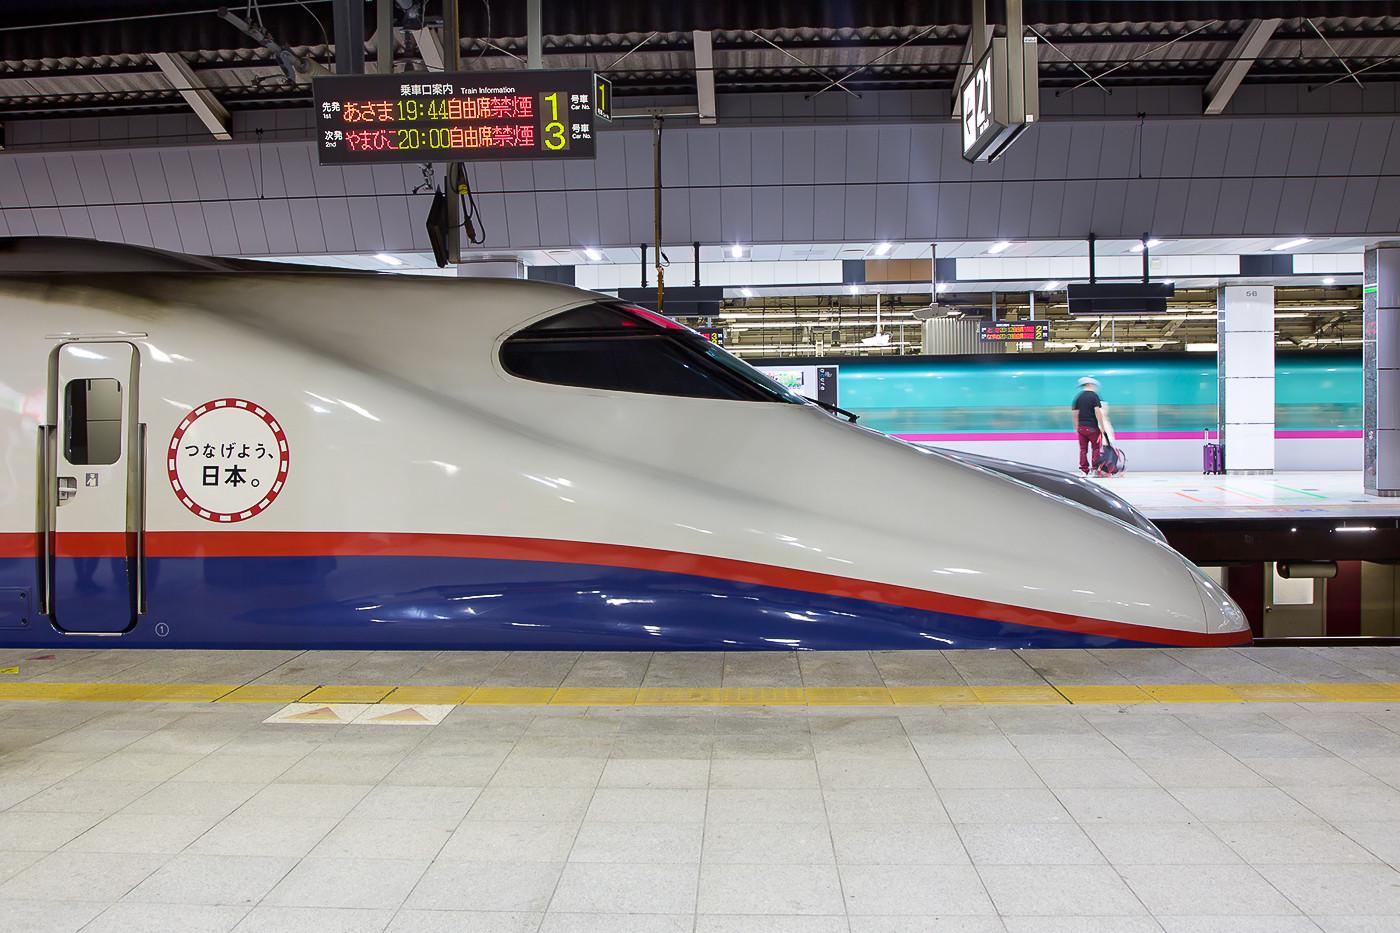 Zug der Baureihe E2 in Tokyo. Die Züge fahren als 8-Wagenvarianteauf der Strecke nach Nagano.